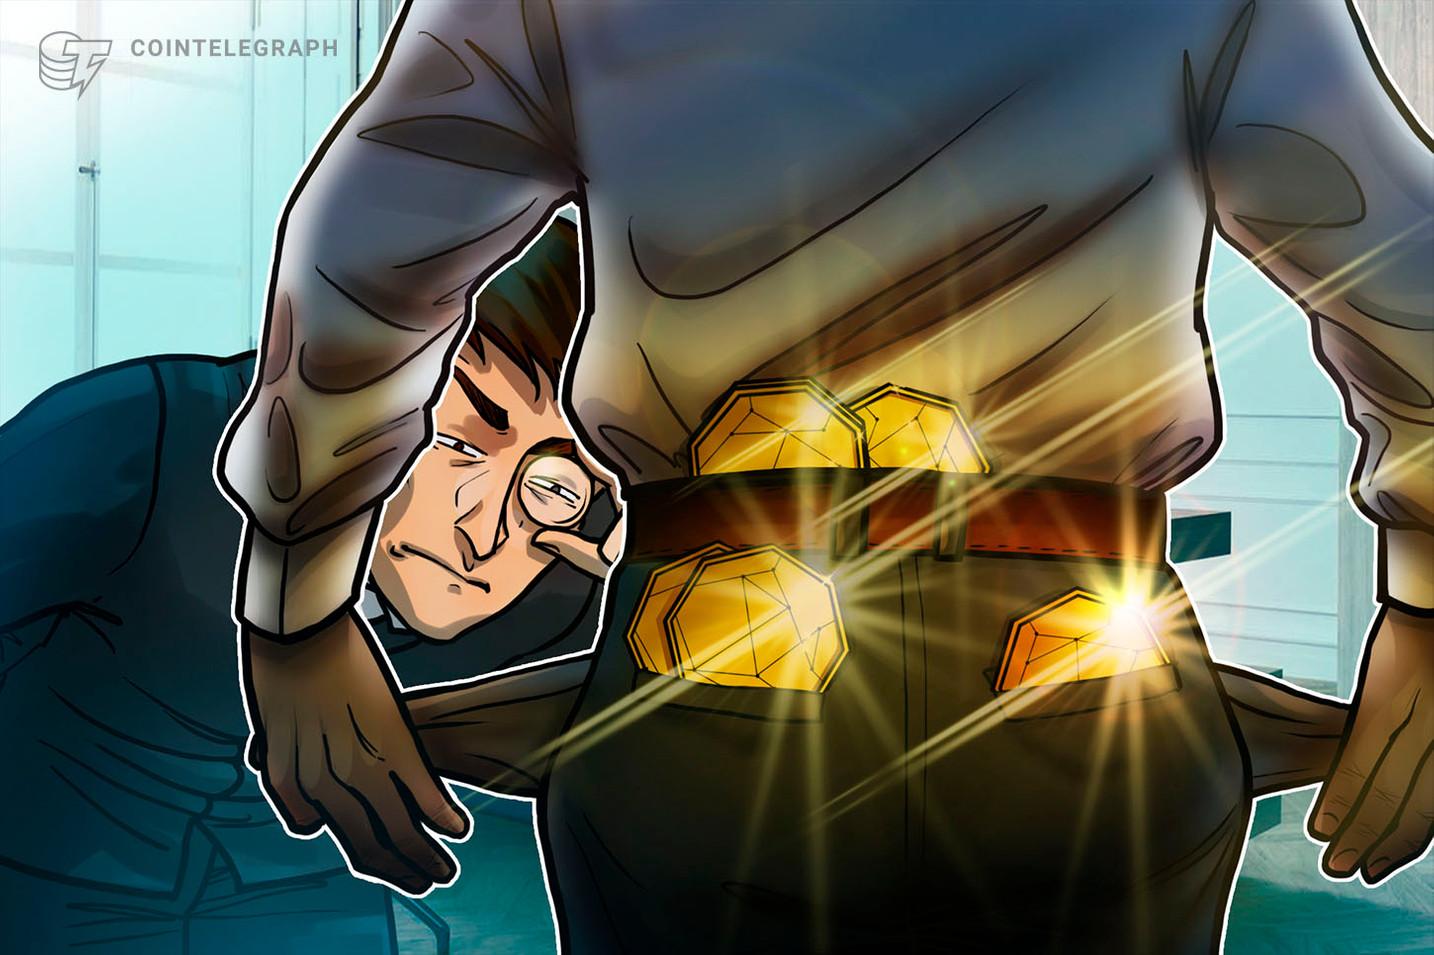 Las agencias tributarias intensifican sus esfuerzos para evitar la evasión de impuestos con criptomonedas